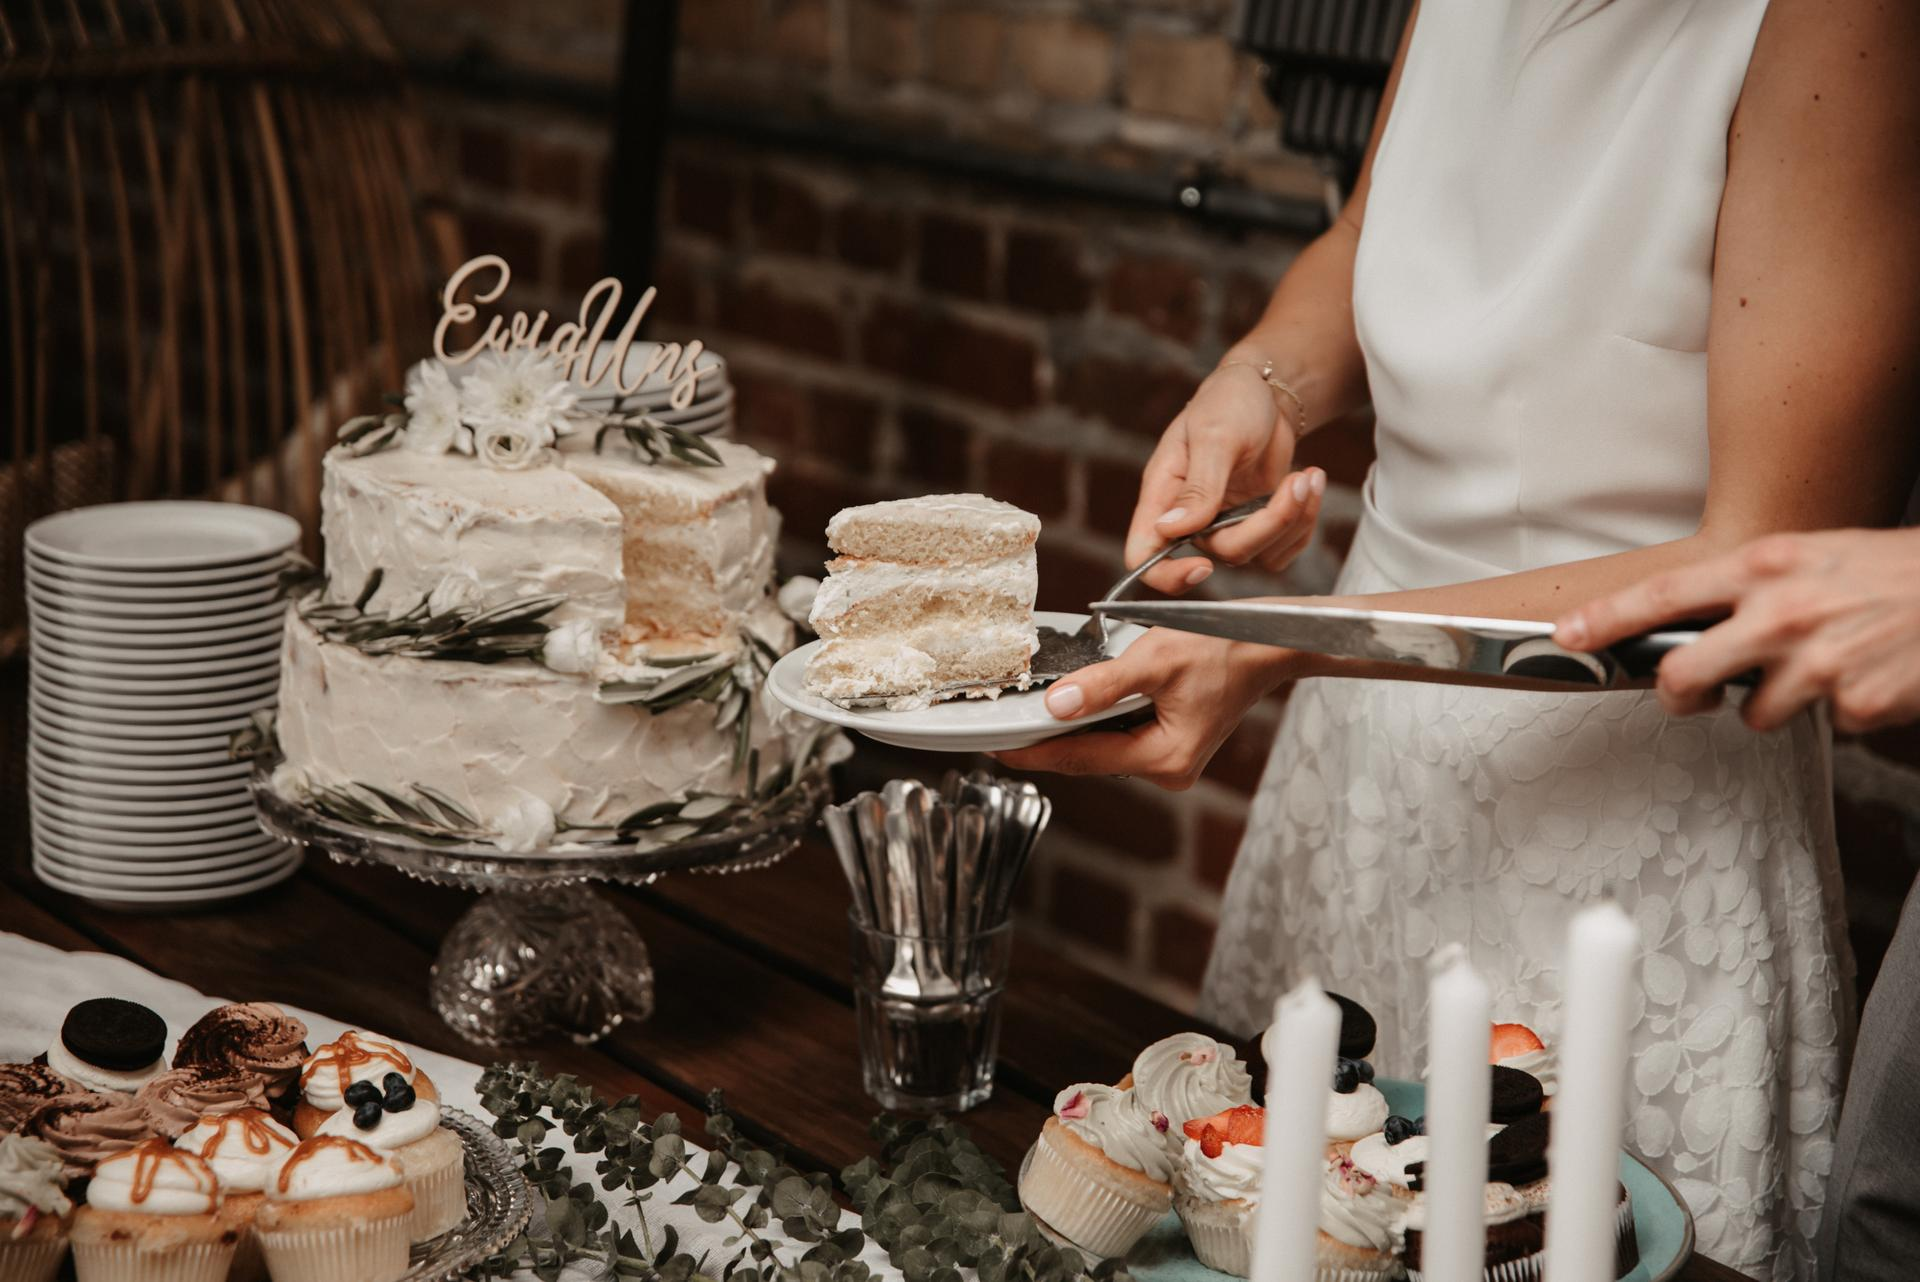 Hochzeitsbuffet, Brautpaar beim Torte verteilen